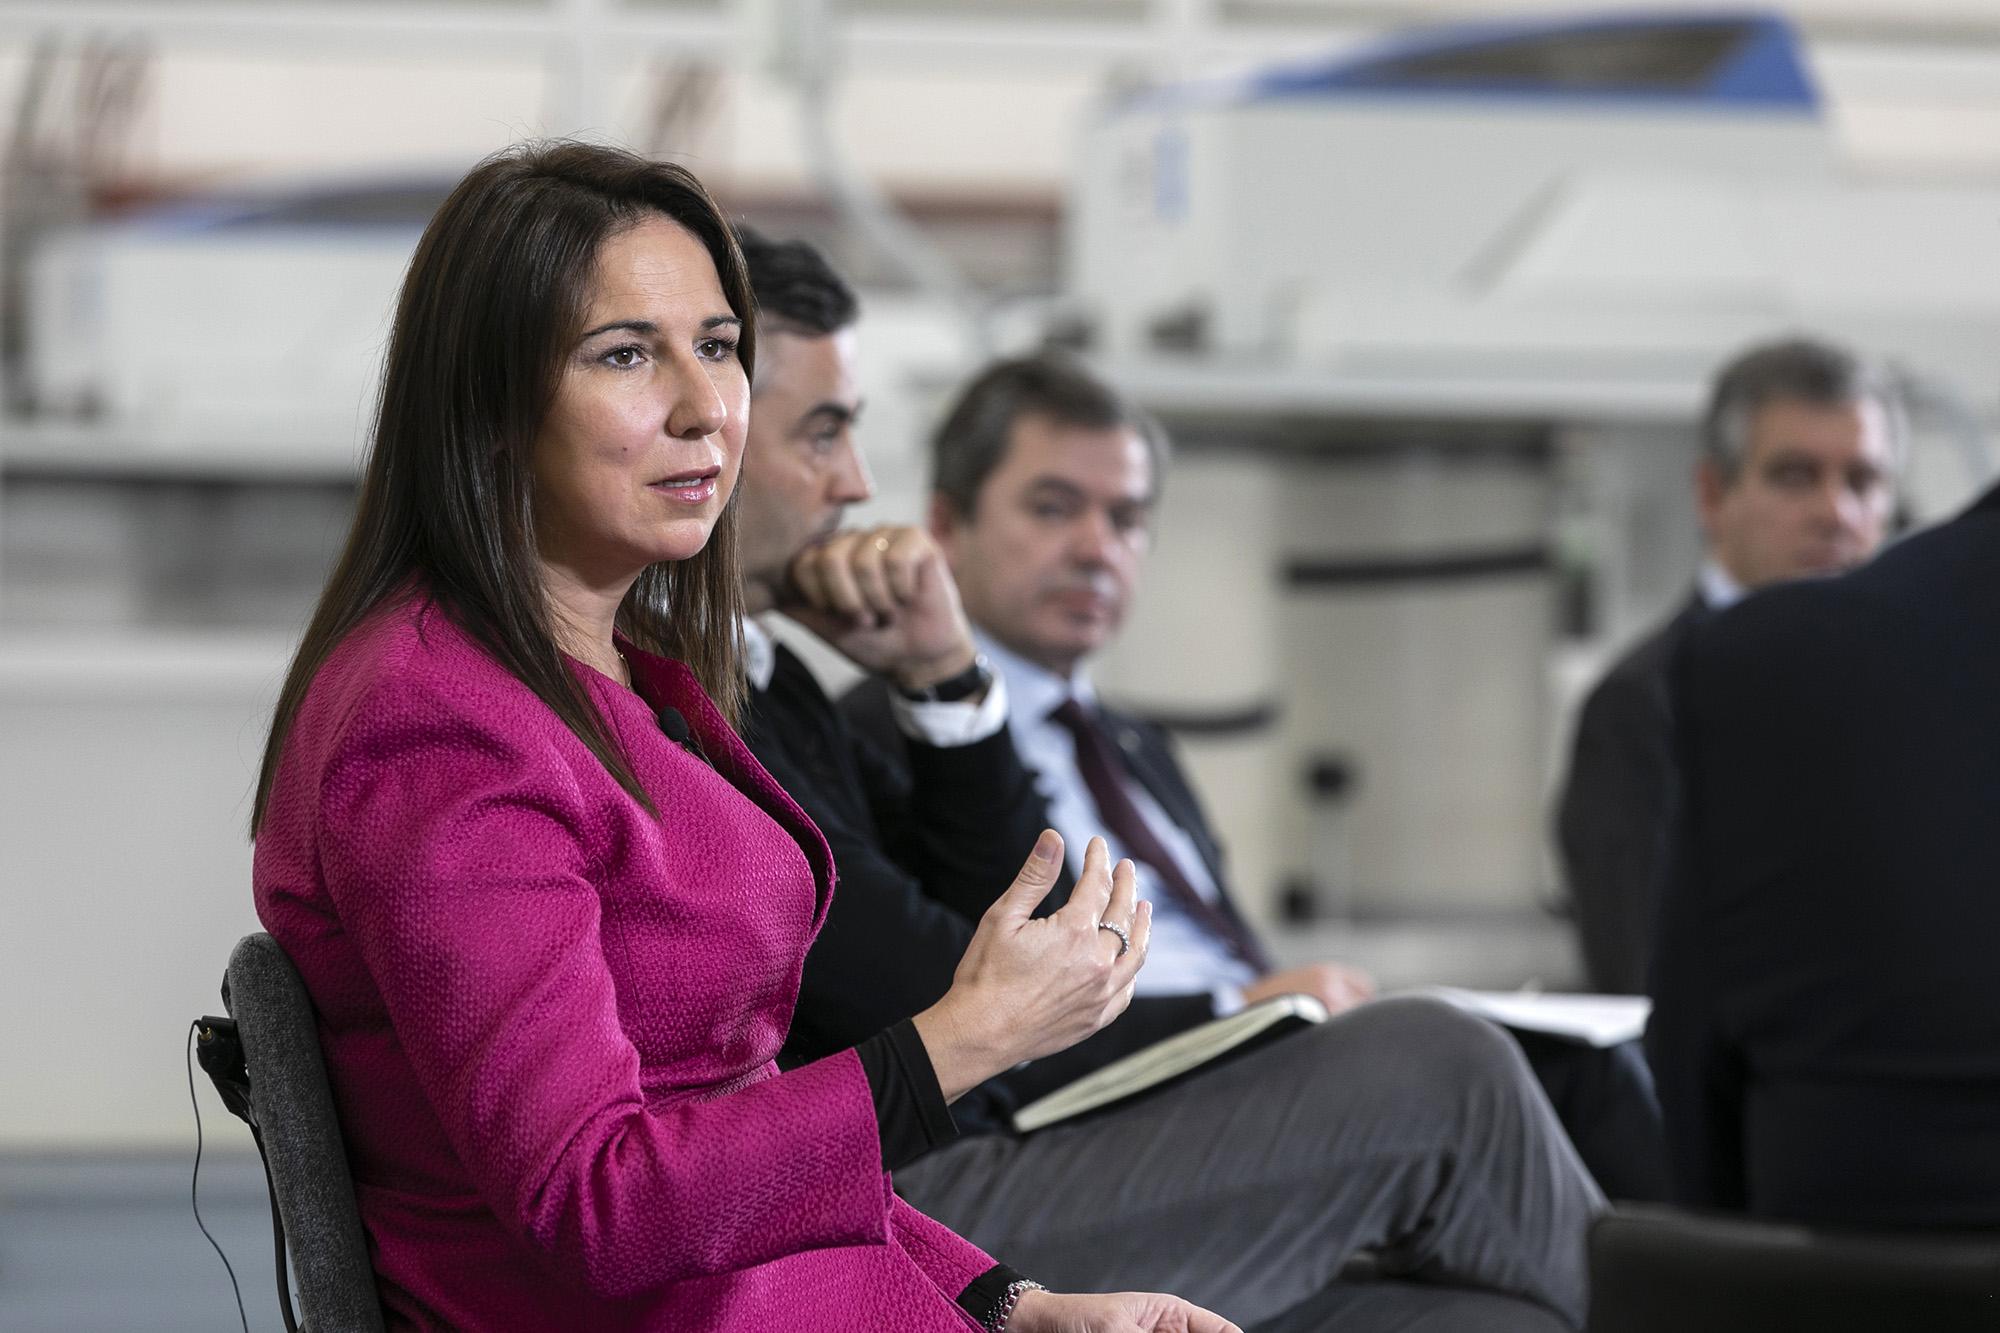 Fábrica 2030 - Portugal e a Reindustrialização Europeia - 24NOV20